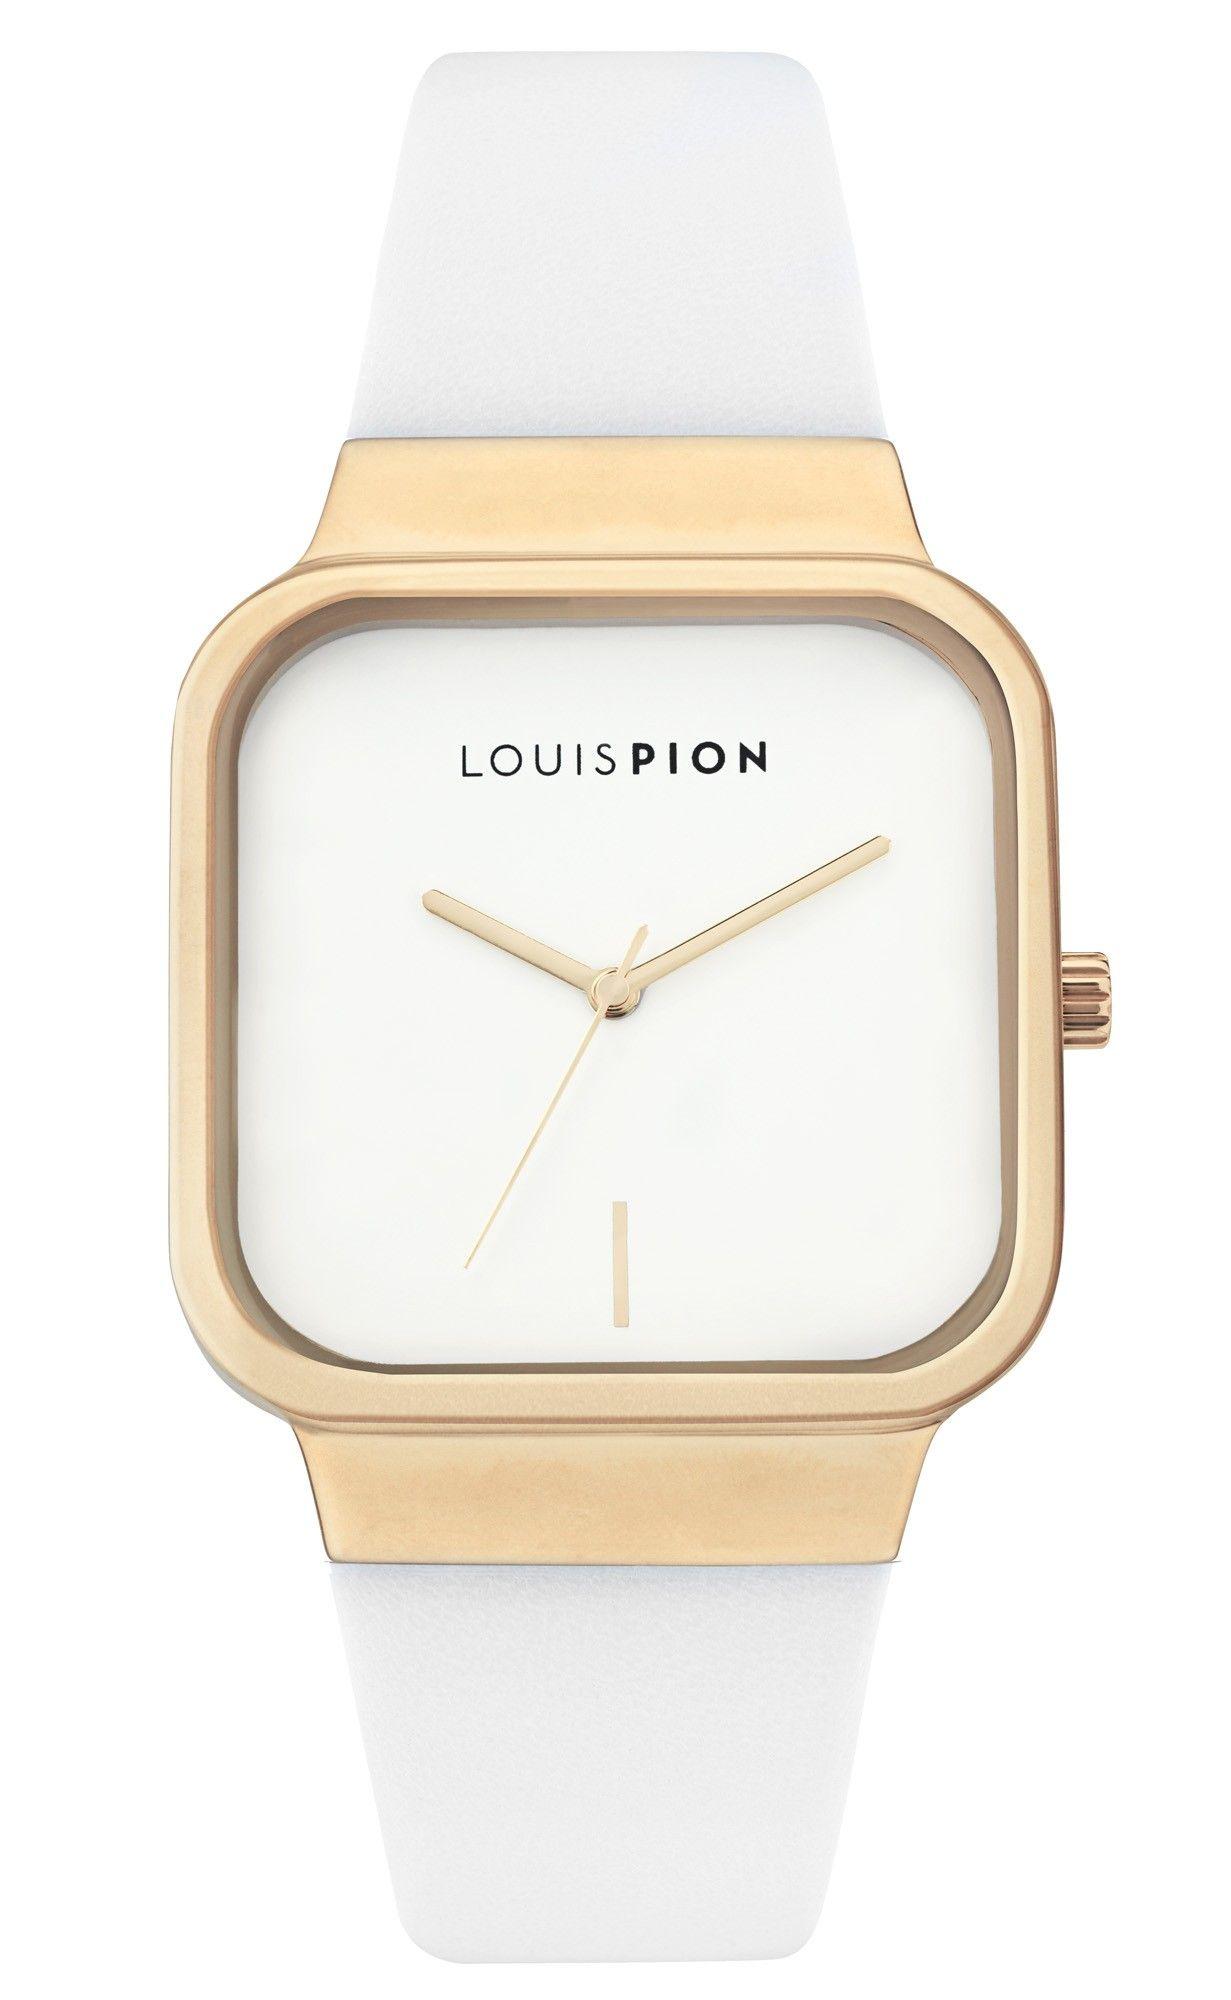 Montre #LouisPion vu dans le #Stylist